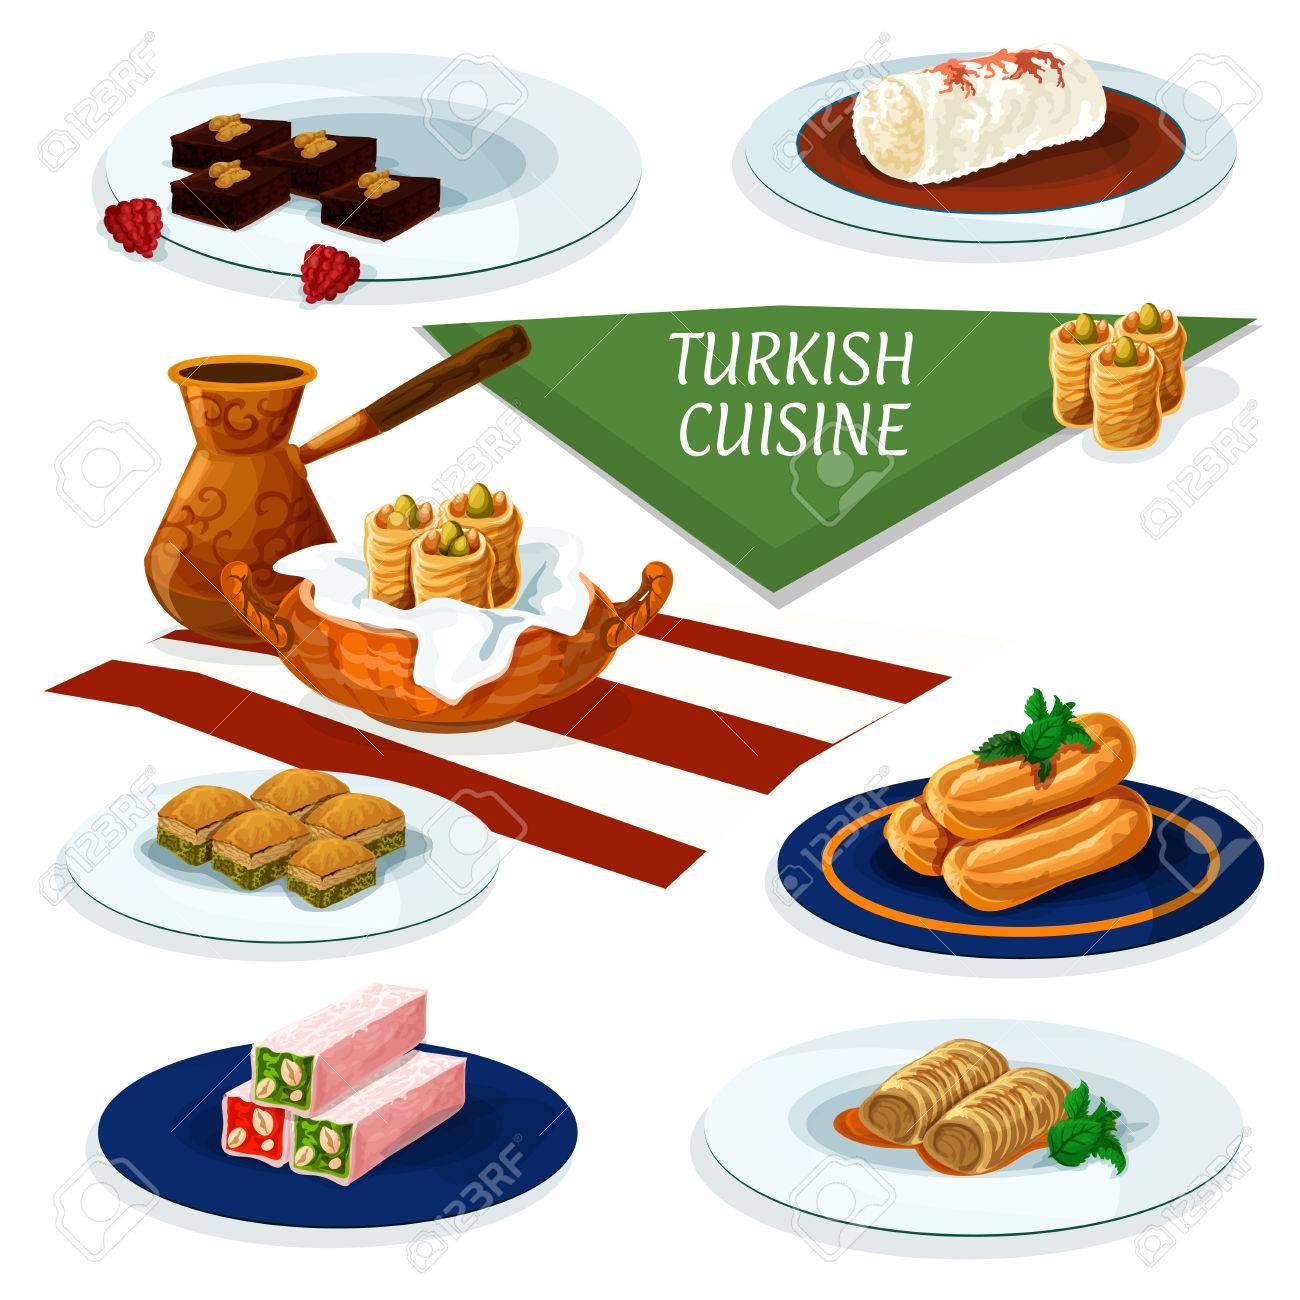 Turkische Und Osmanische Kuche Desserts Mit Kaffee Comic Ikone Der